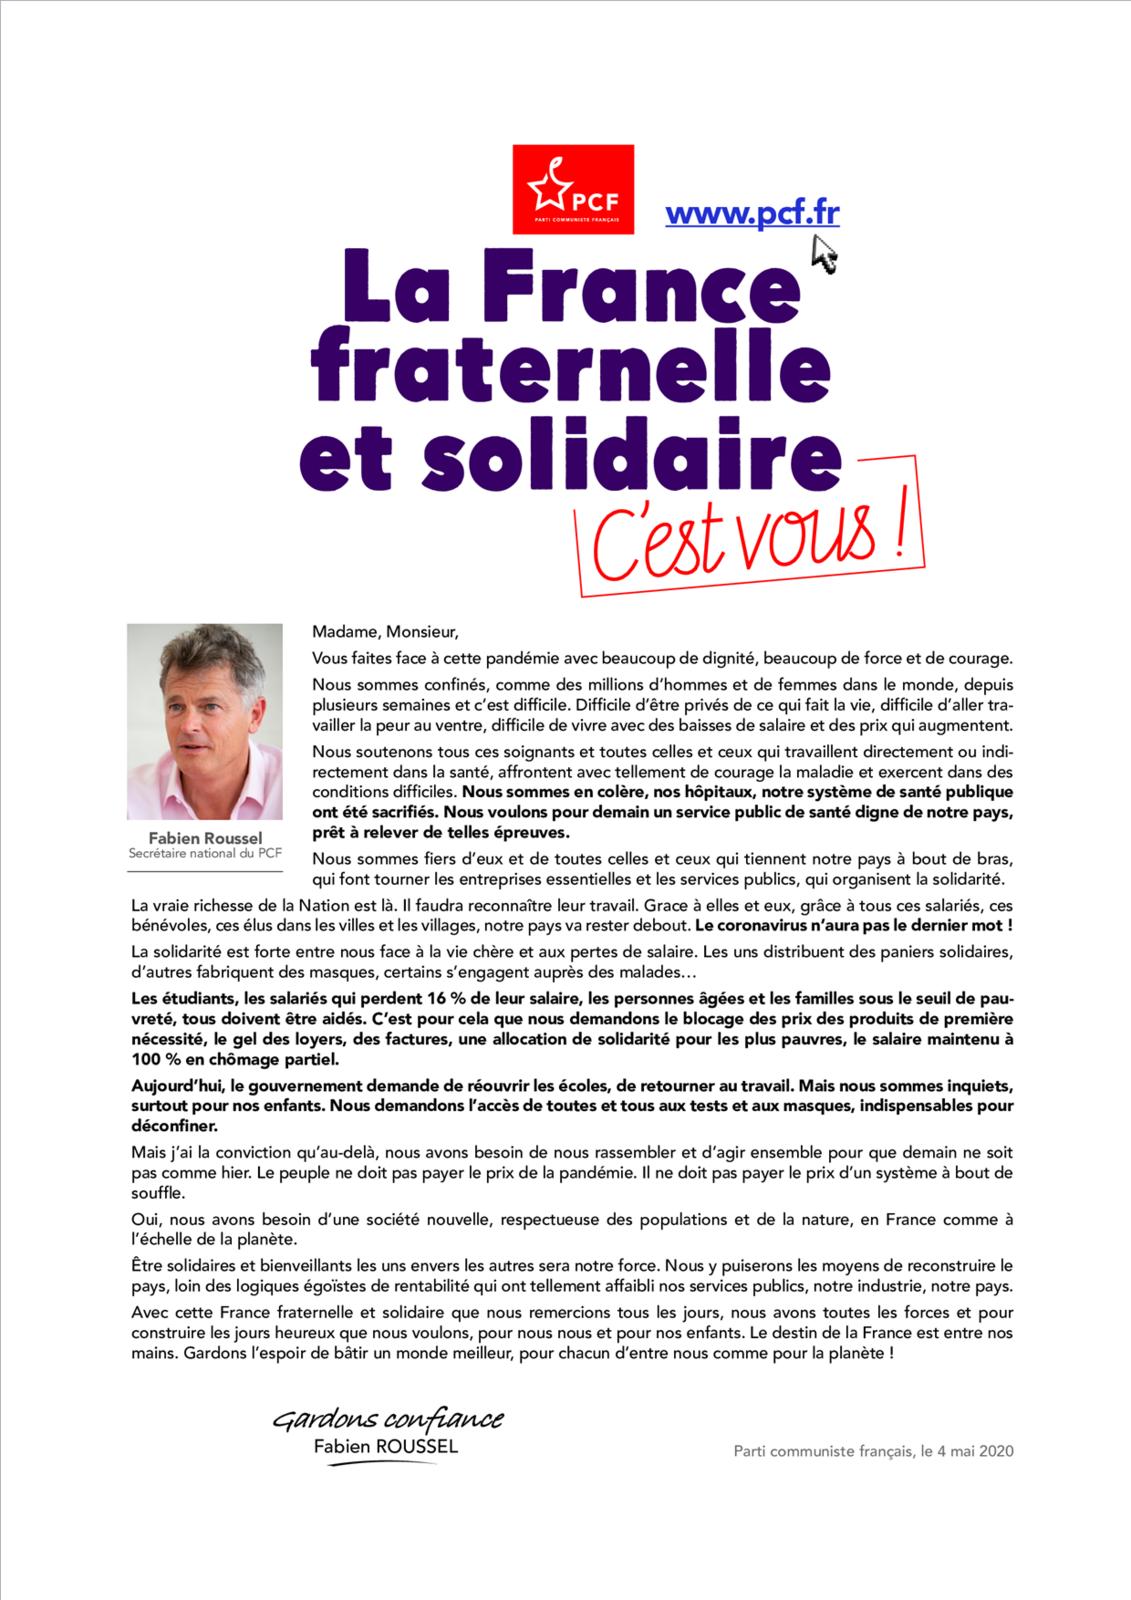 """""""La France fraternelle et solidaire, c'est vous"""" : lettre de Fabien Roussel aux Français.es"""